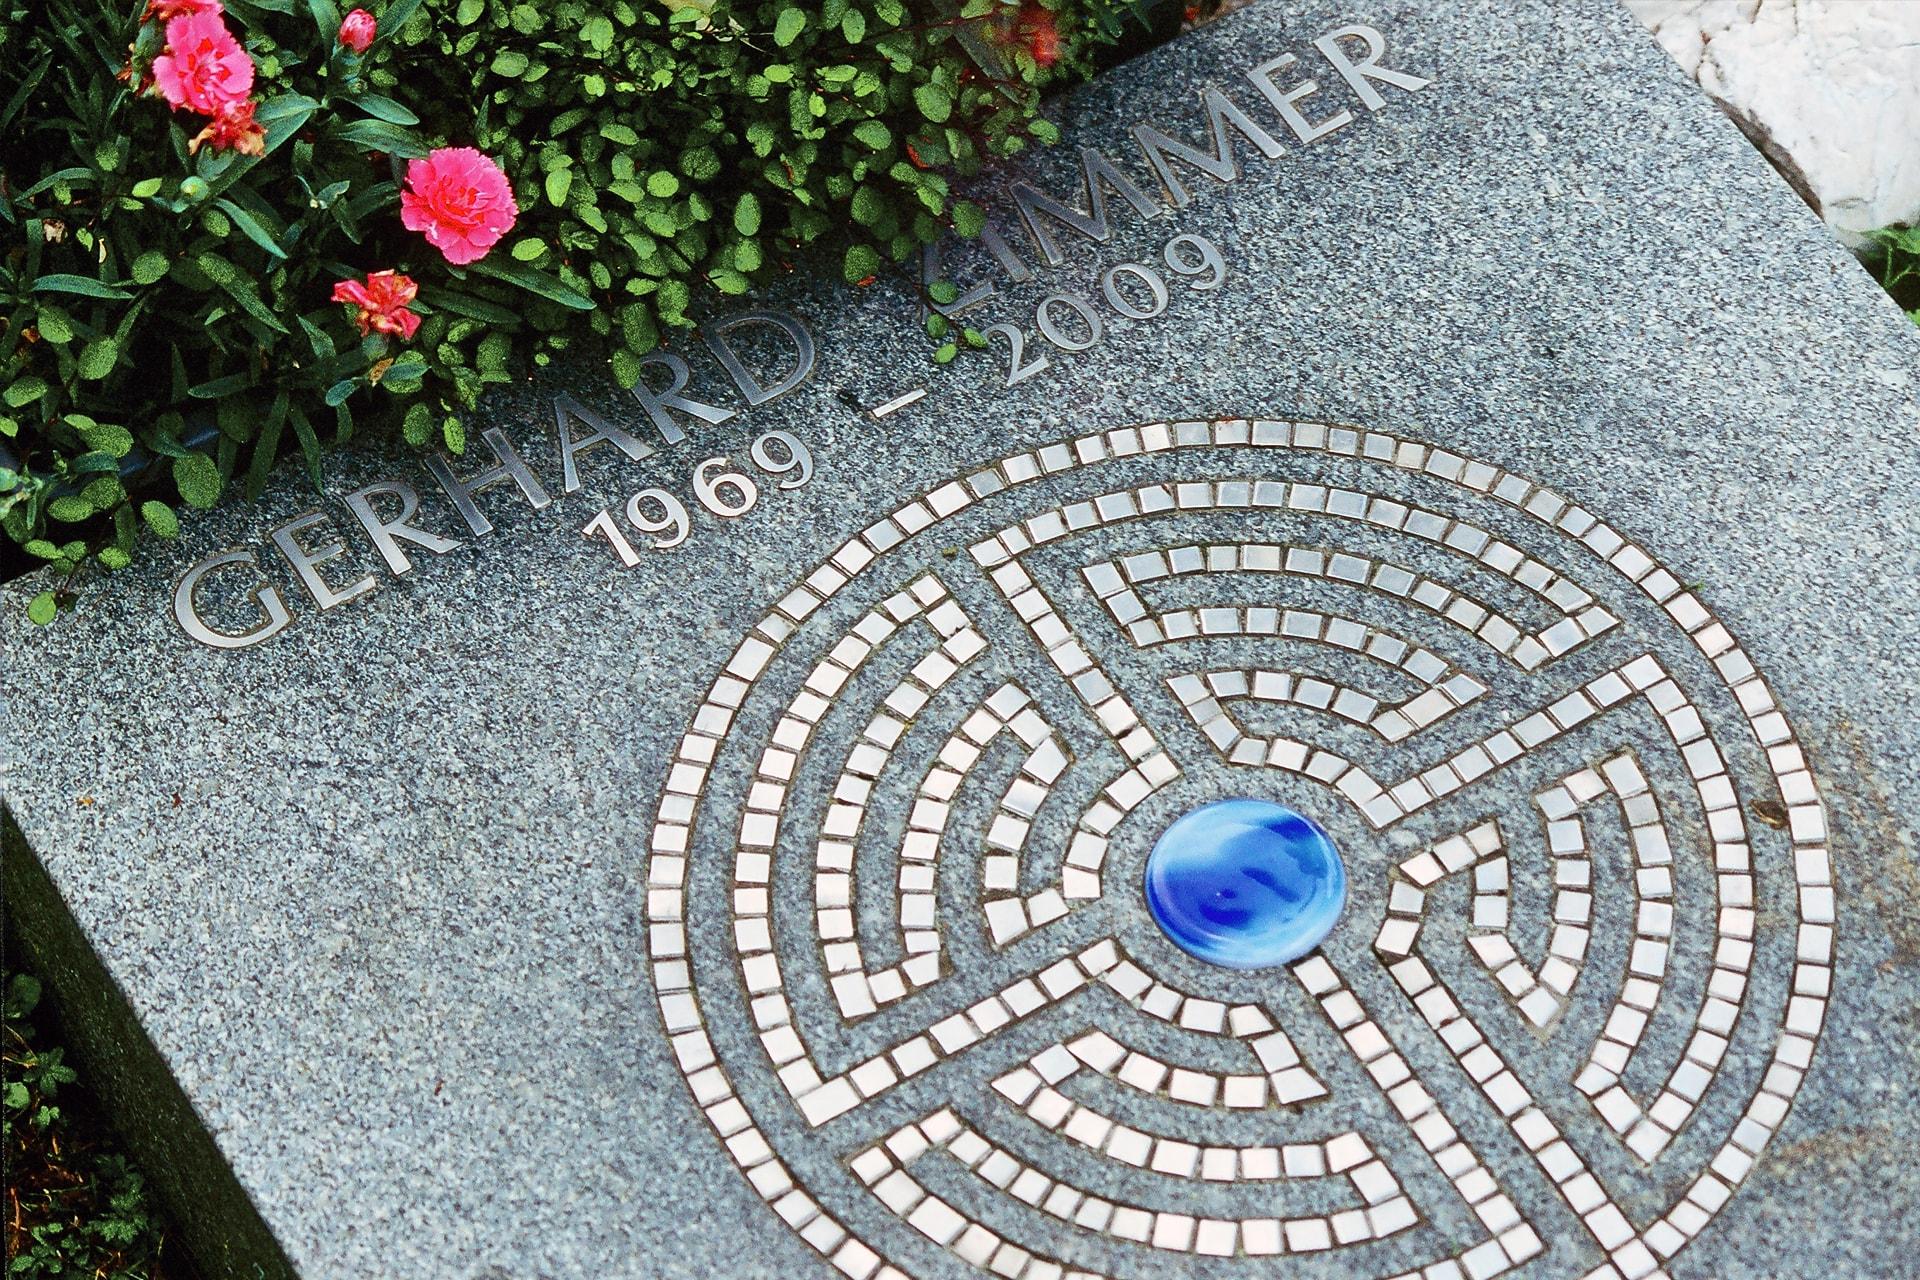 Platten aus Bayerwald Granit mit eingearbeitetem Labyrinth aus Edelsmalten